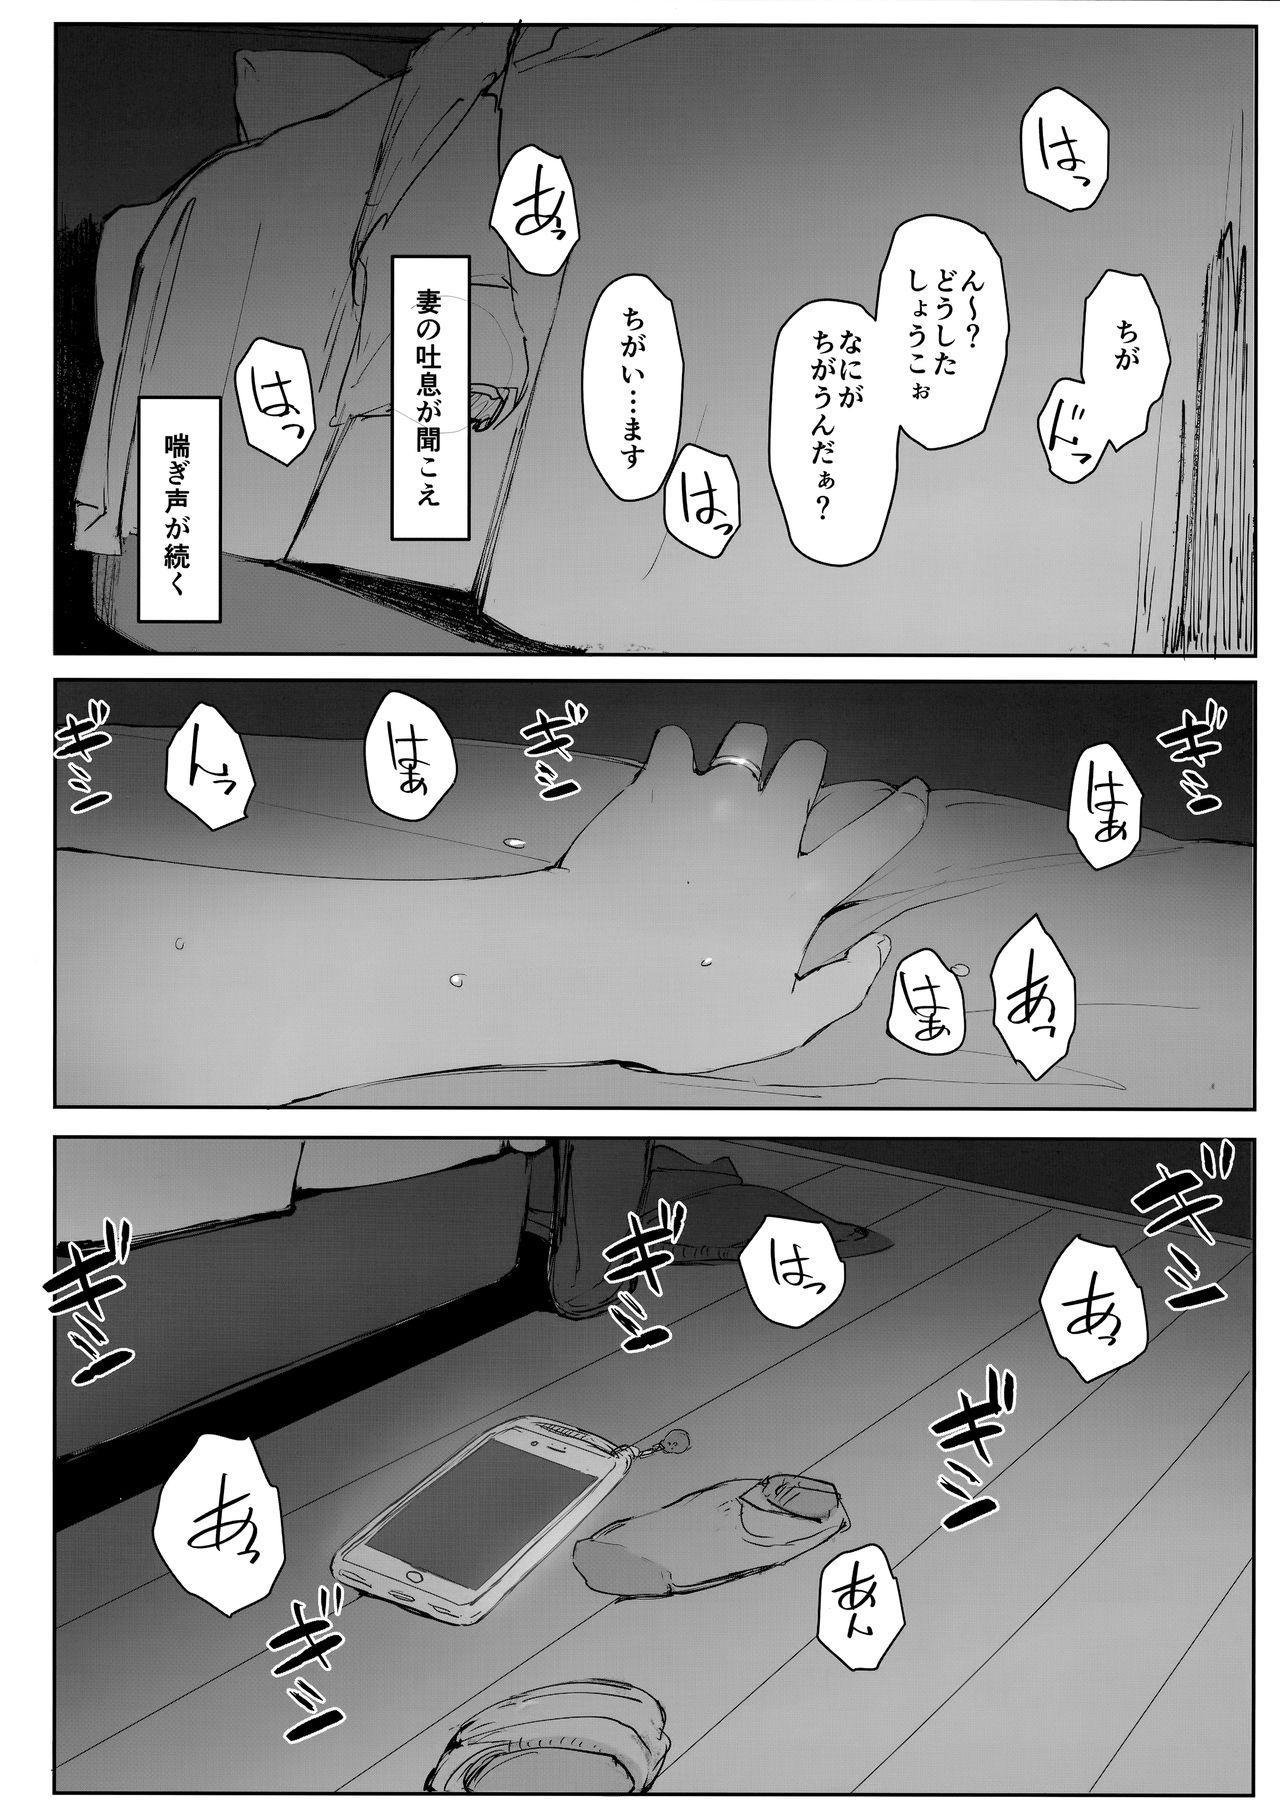 Tsuma no Imouto no Danna ga Ie ni Kiteiruyoudesu. 7